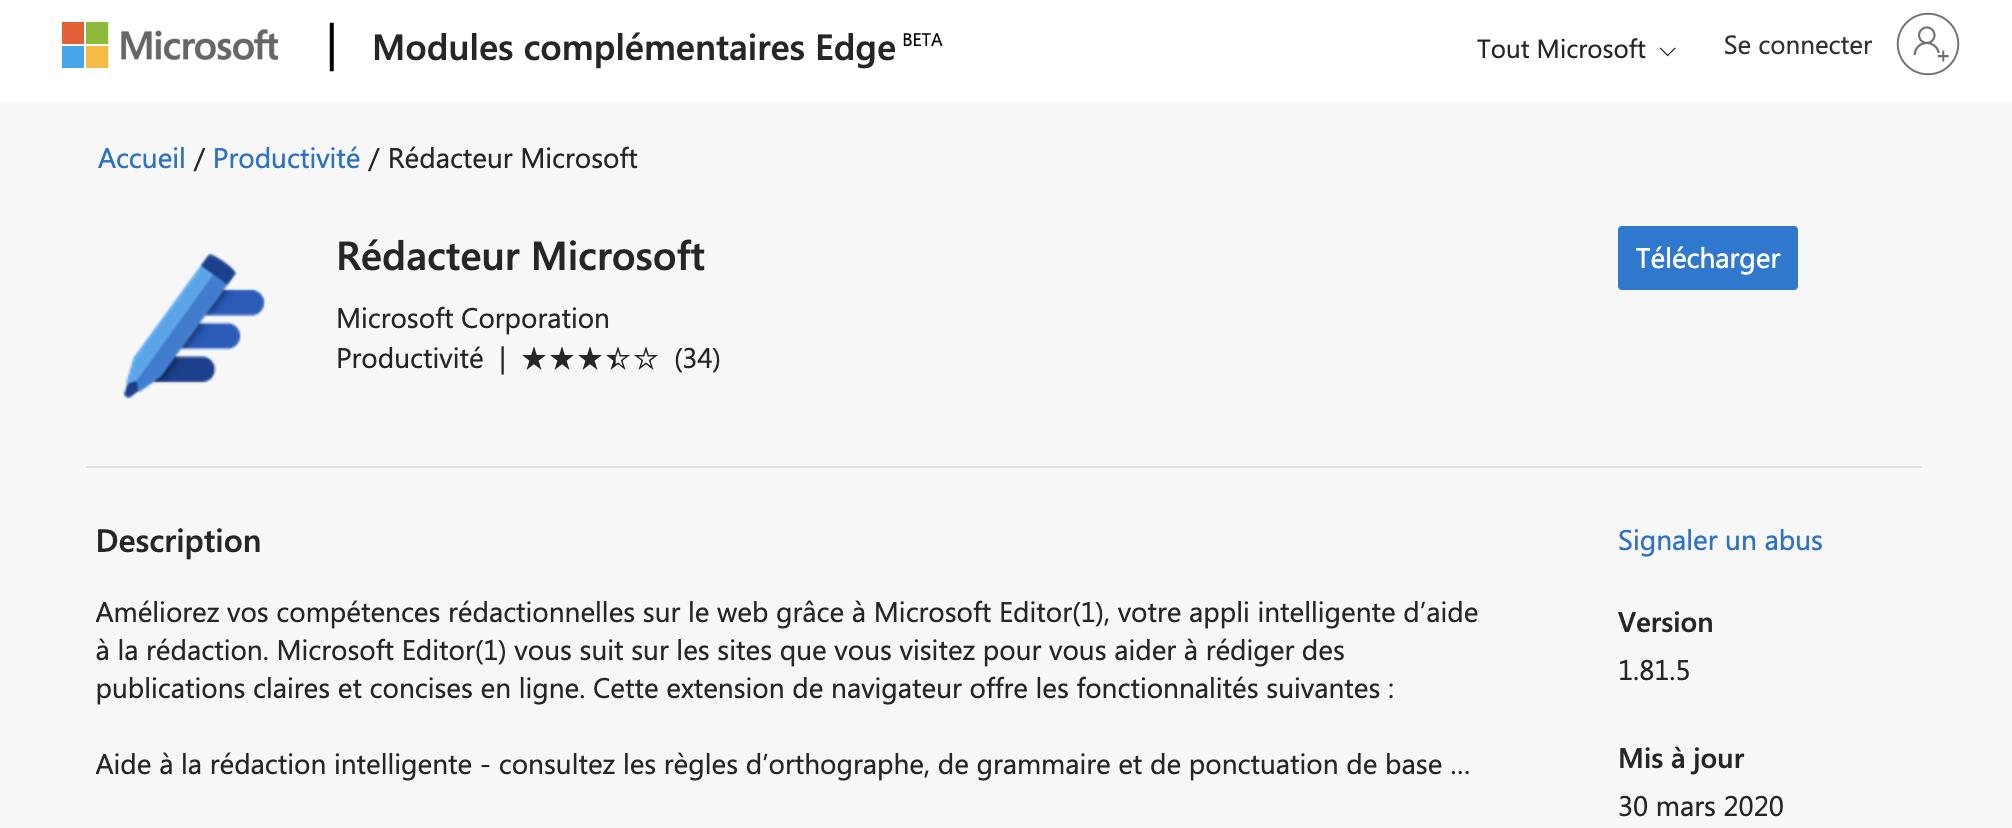 Rédacteur Microsoft